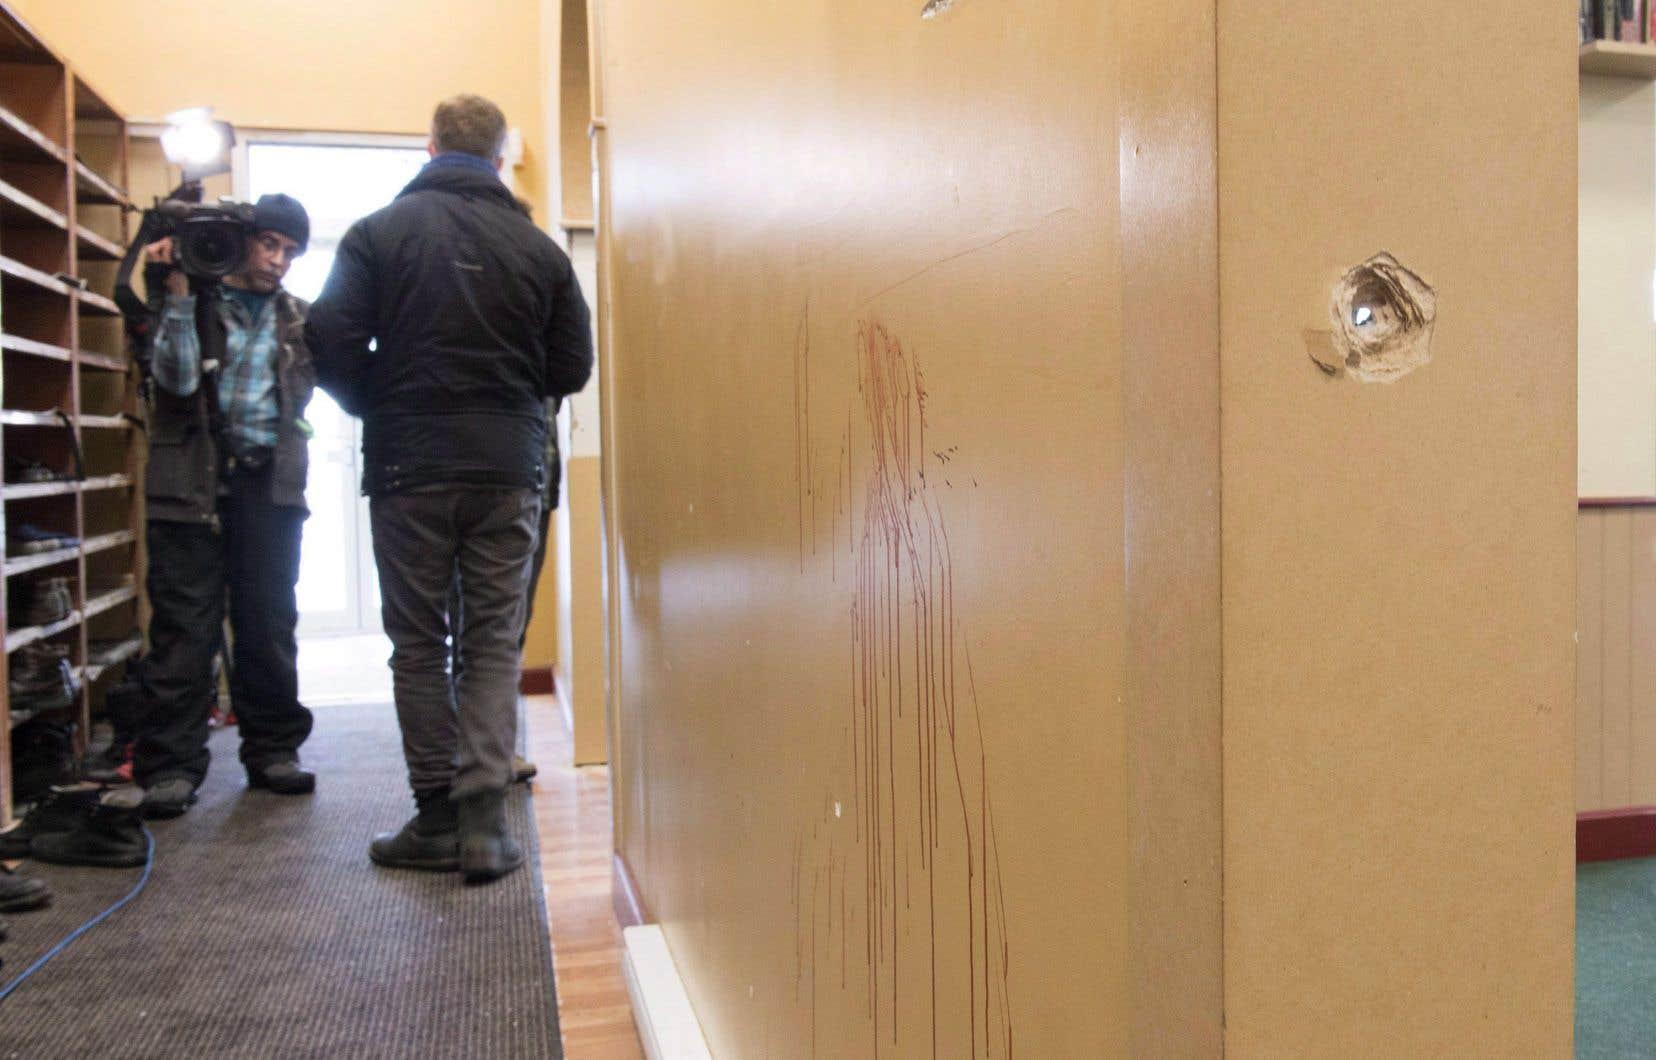 «Armé d'un pistolet et de cinq chargeurs, le tueur a pu tirer jusqu'à dix coups en rafale, d'une telle force que les projectiles ont traversé les murs.»